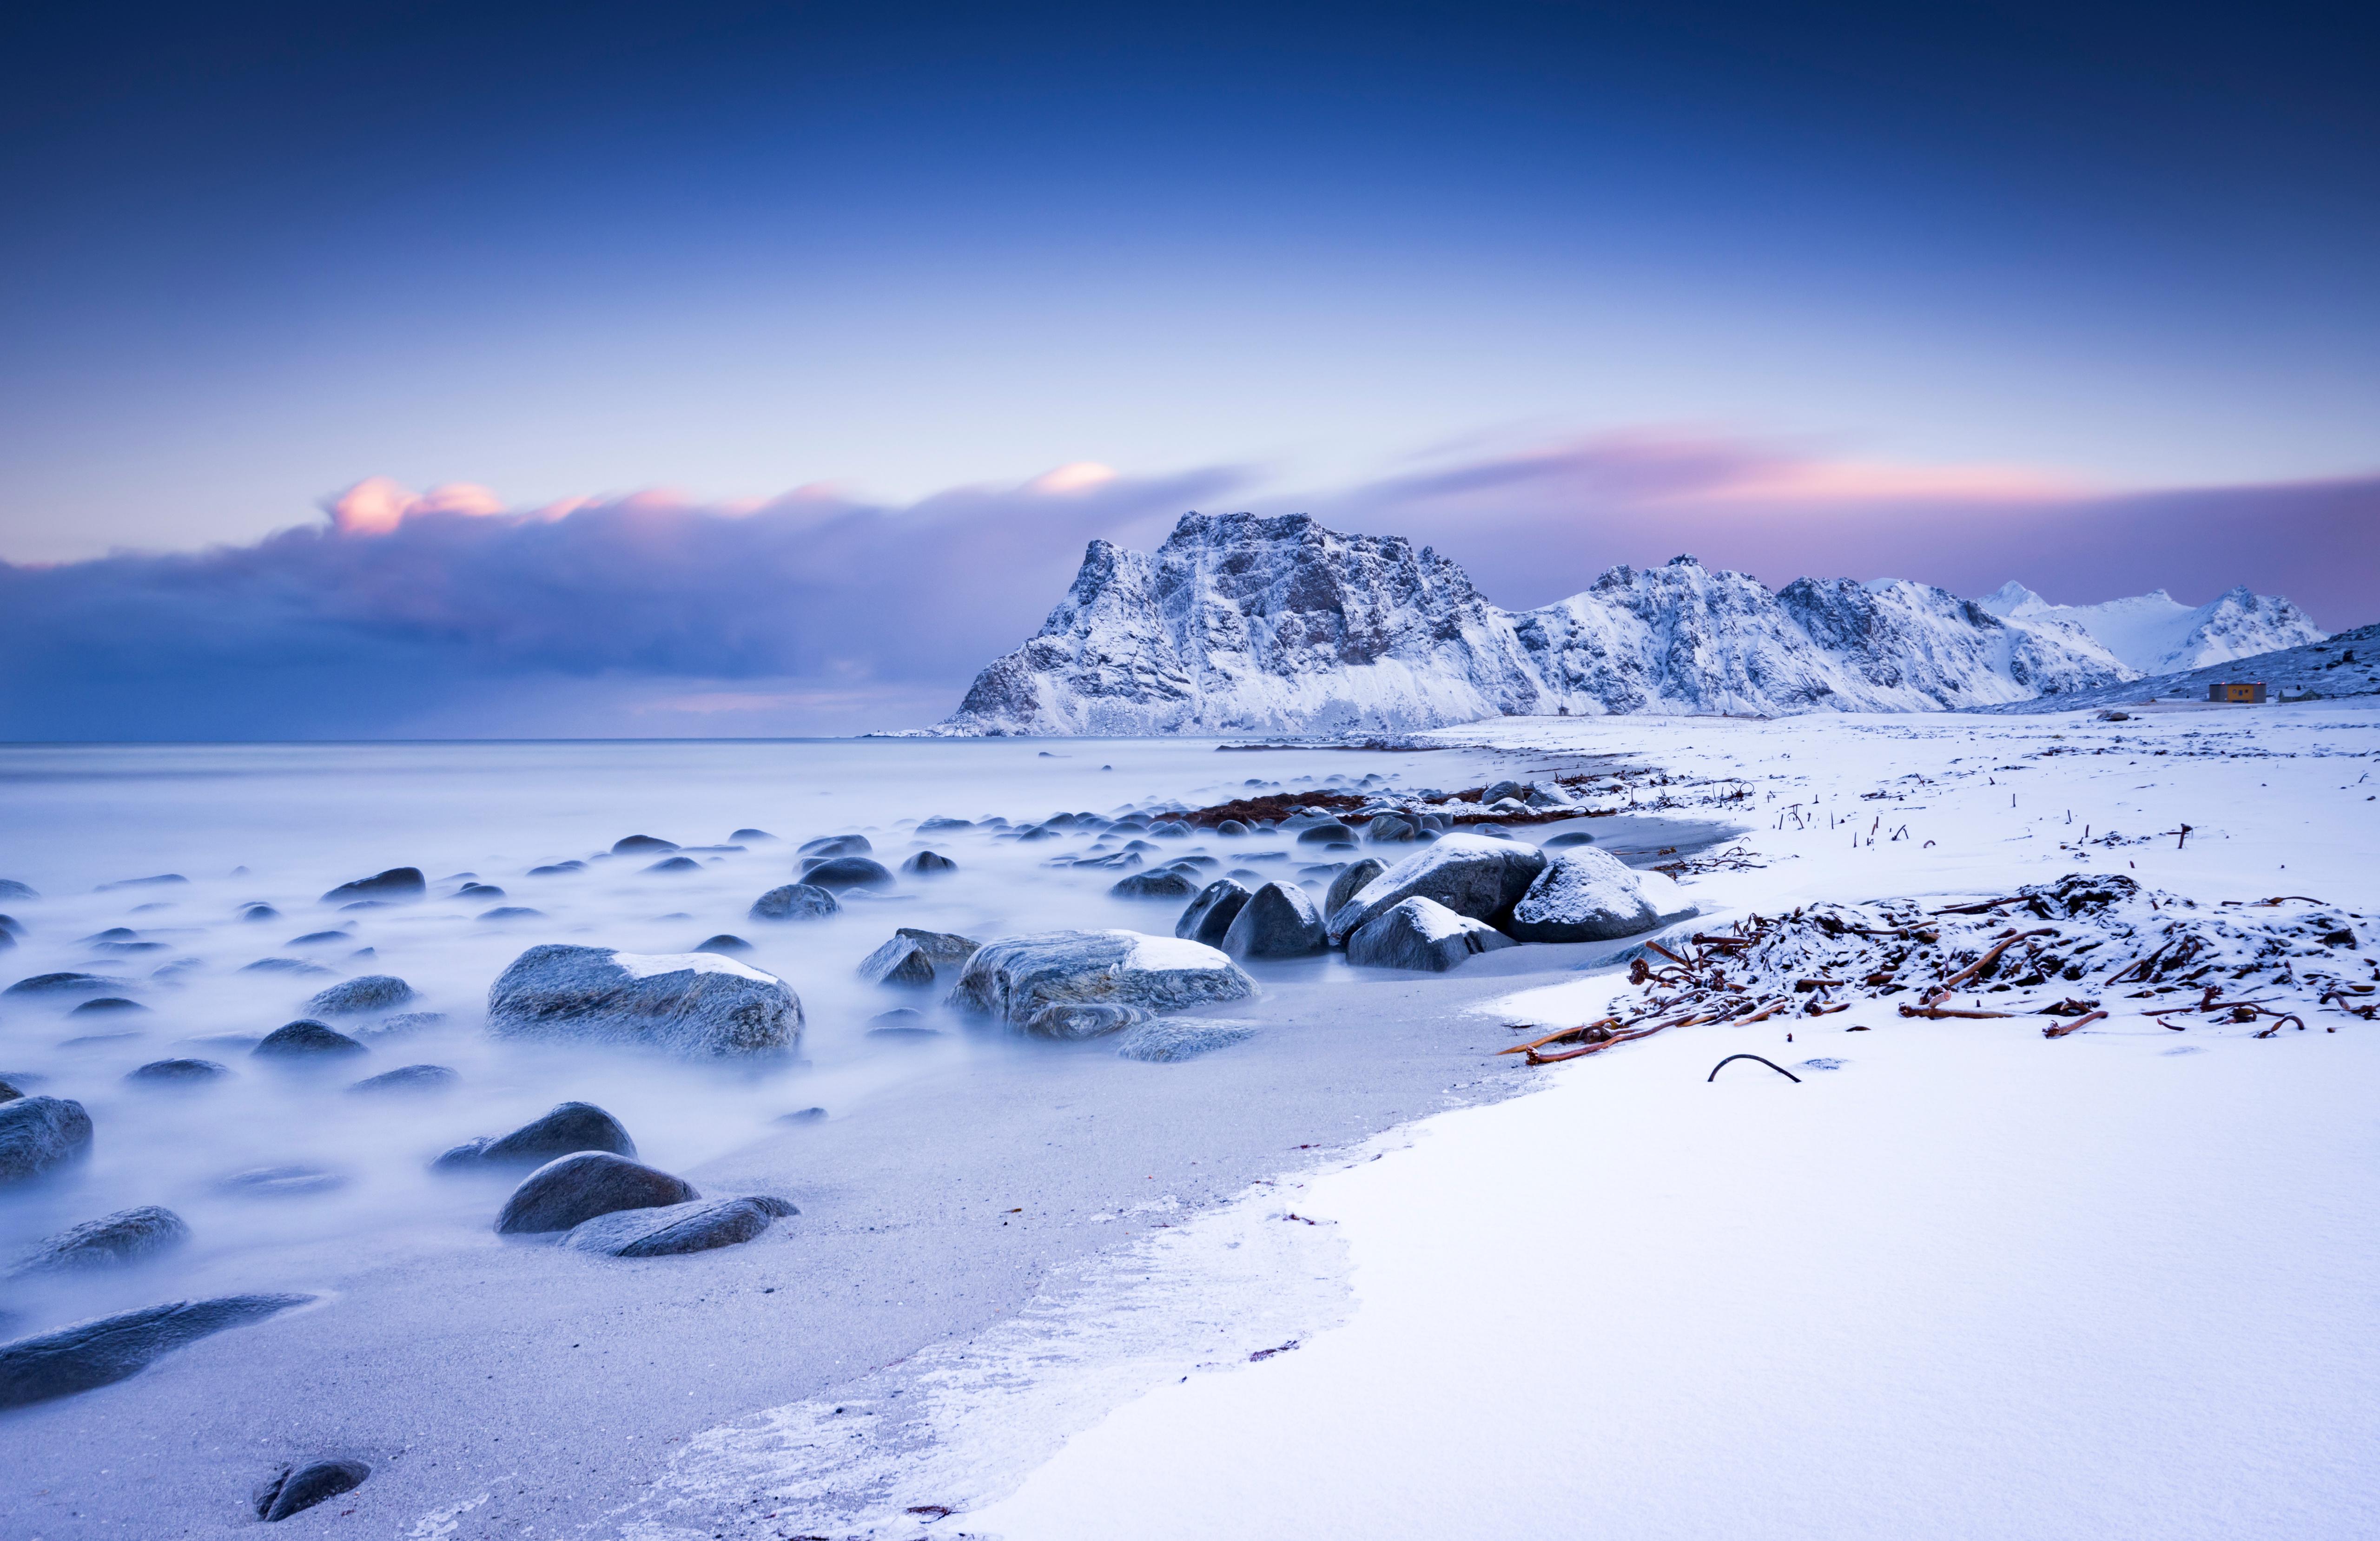 Картинки Лофотенские острова Норвегия Uttakleiv гора Природа Снег Пейзаж 5120x3316 Горы снега снегу снеге